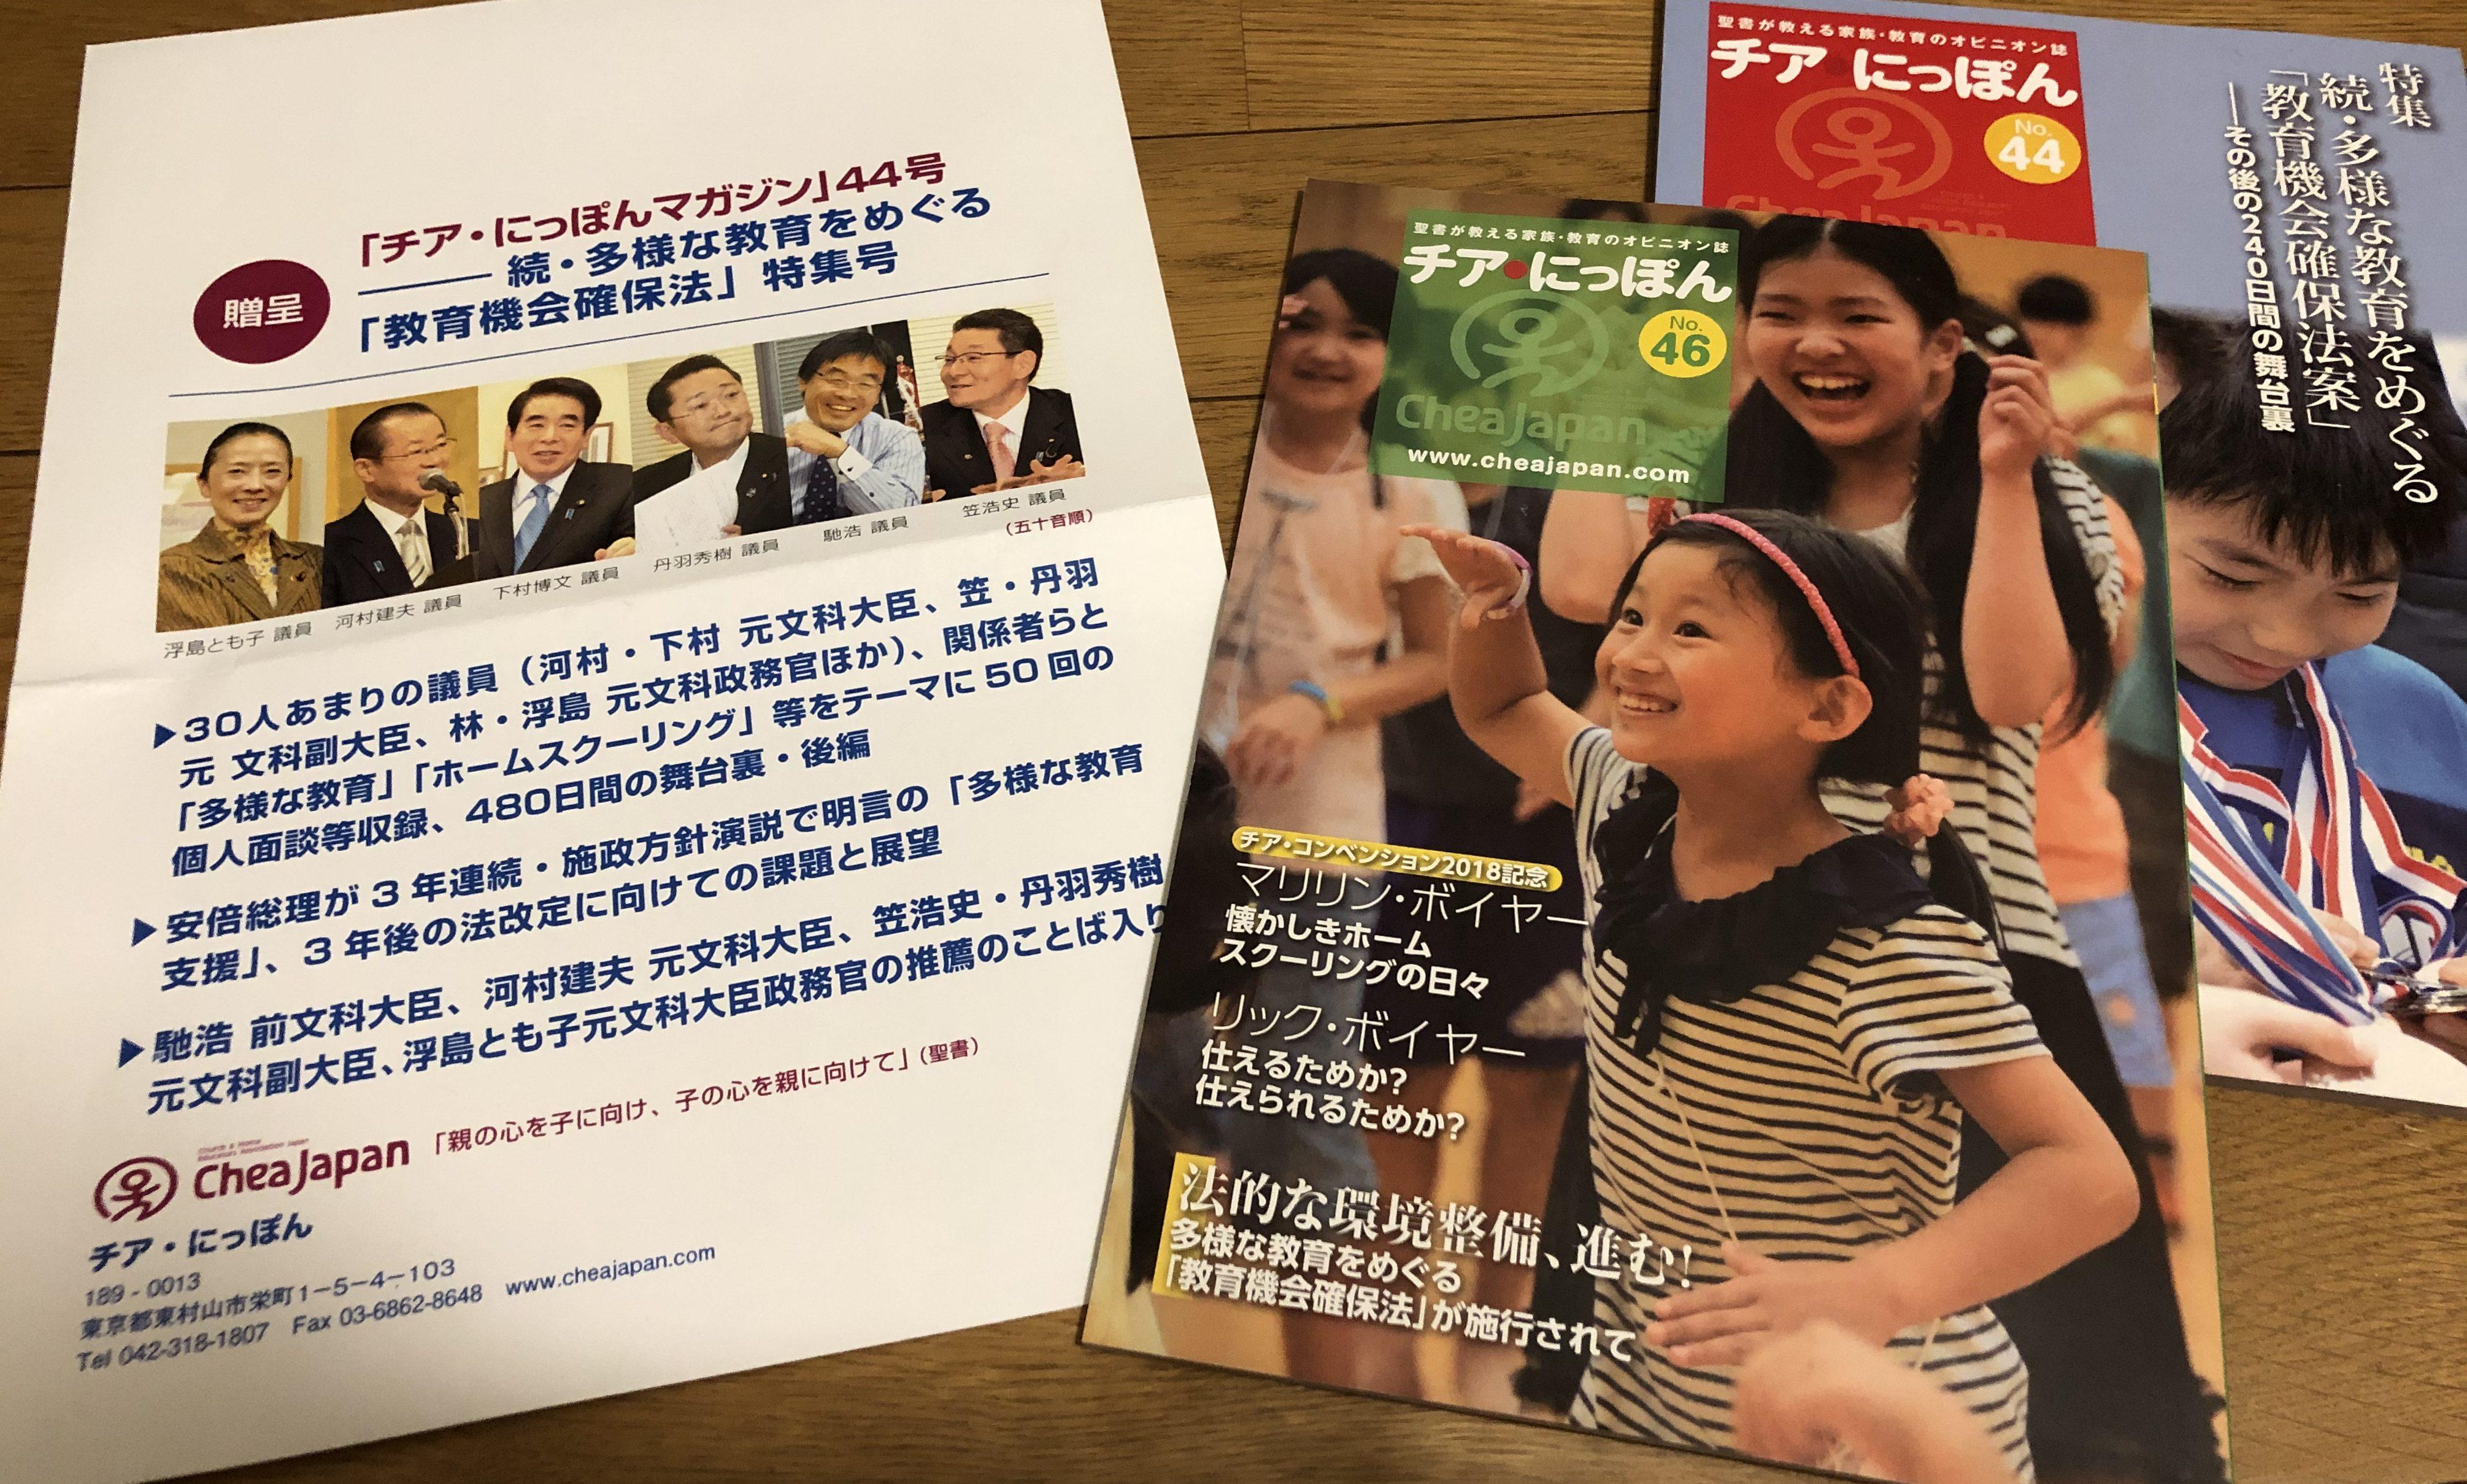 「チア・にっぽん」代表 稲葉寛夫さんにお会いしてきました!